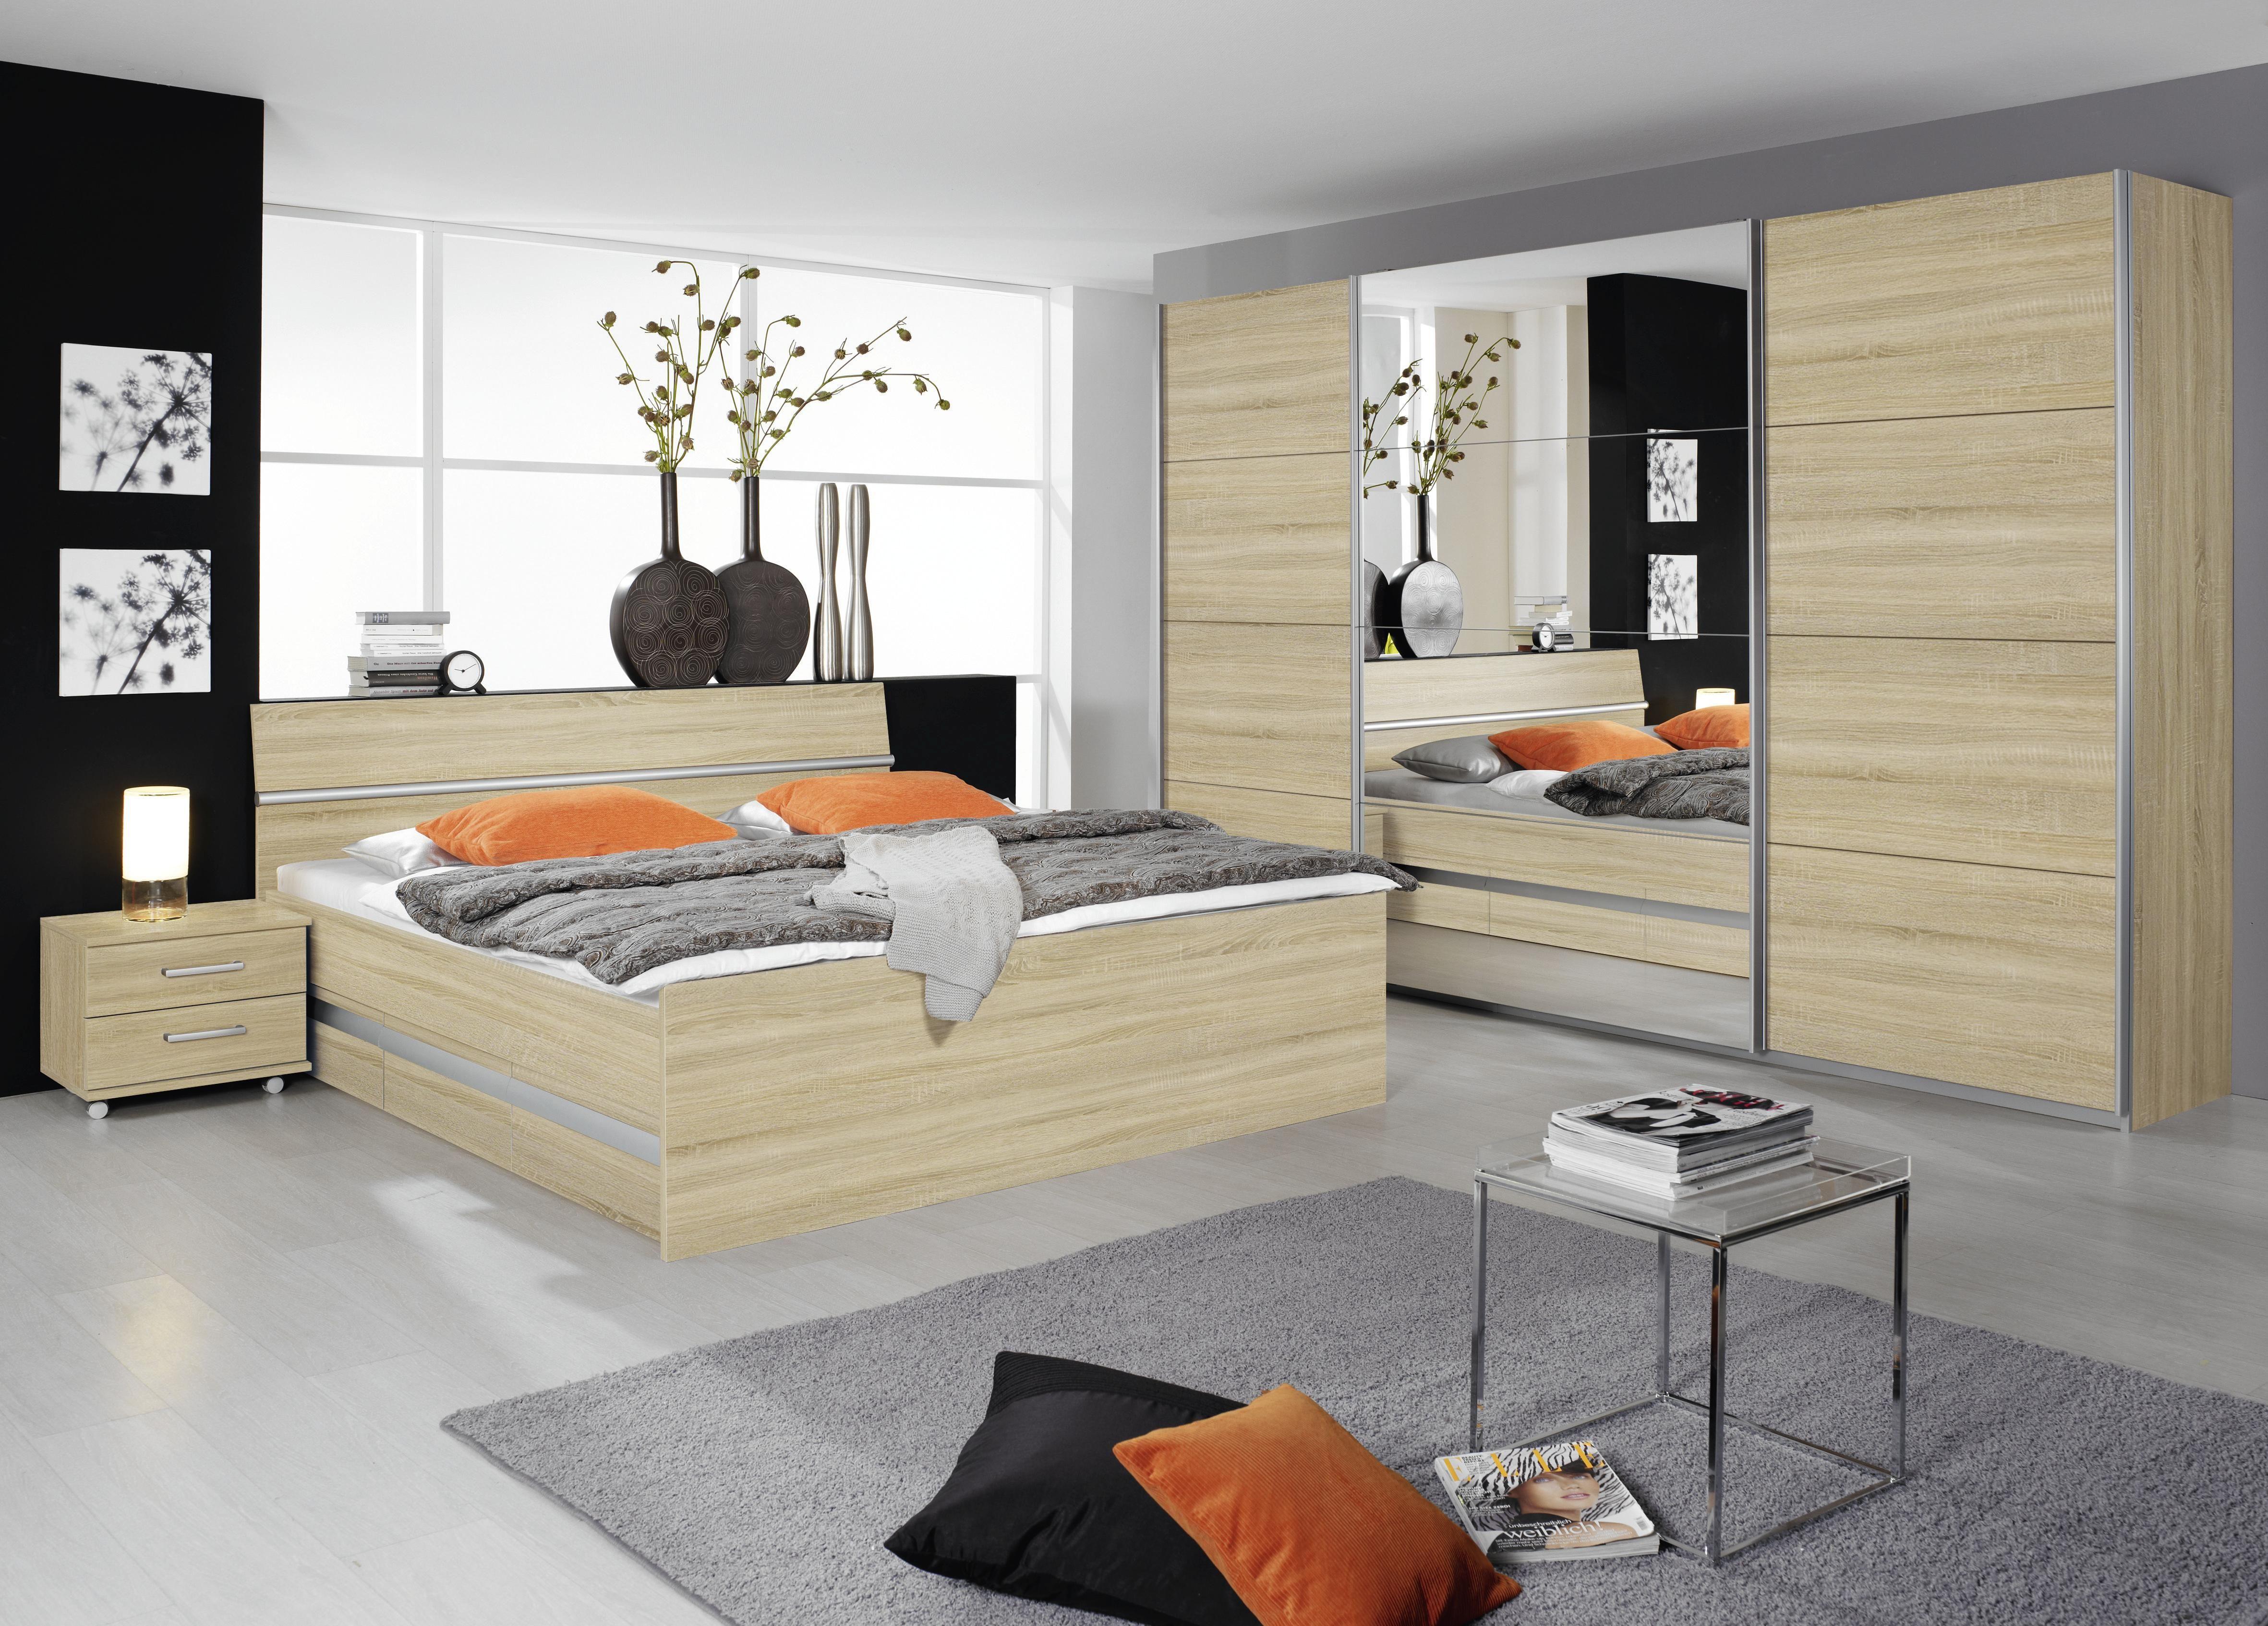 Genial Schlafzimmer Komplett Gunstig Poco Home Furniture Home